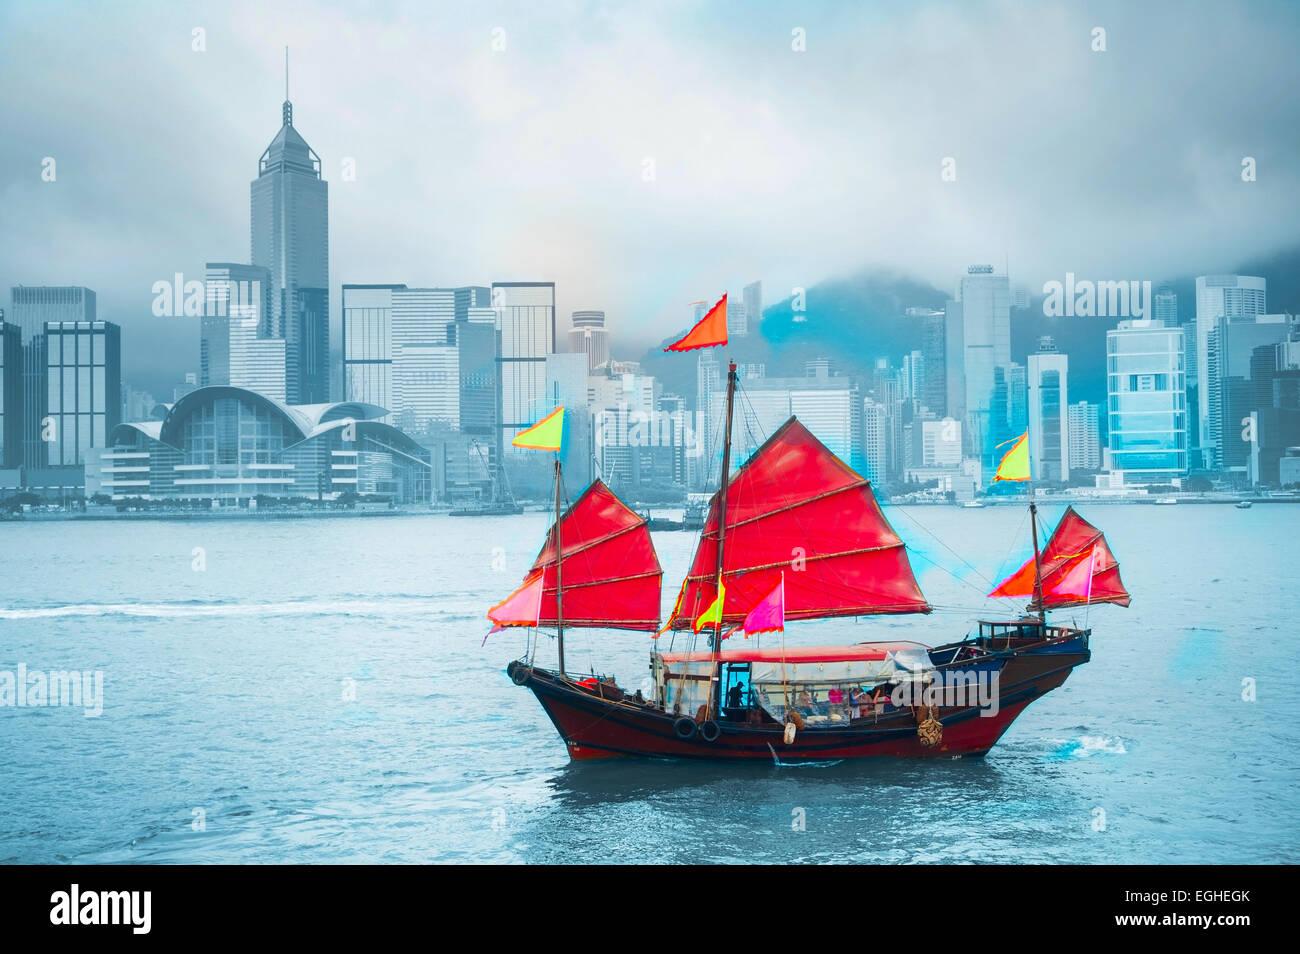 Symbol von Hong Kong - traditionelle hölzerne Segelschiff im Hafen von Victoria. Stockfoto